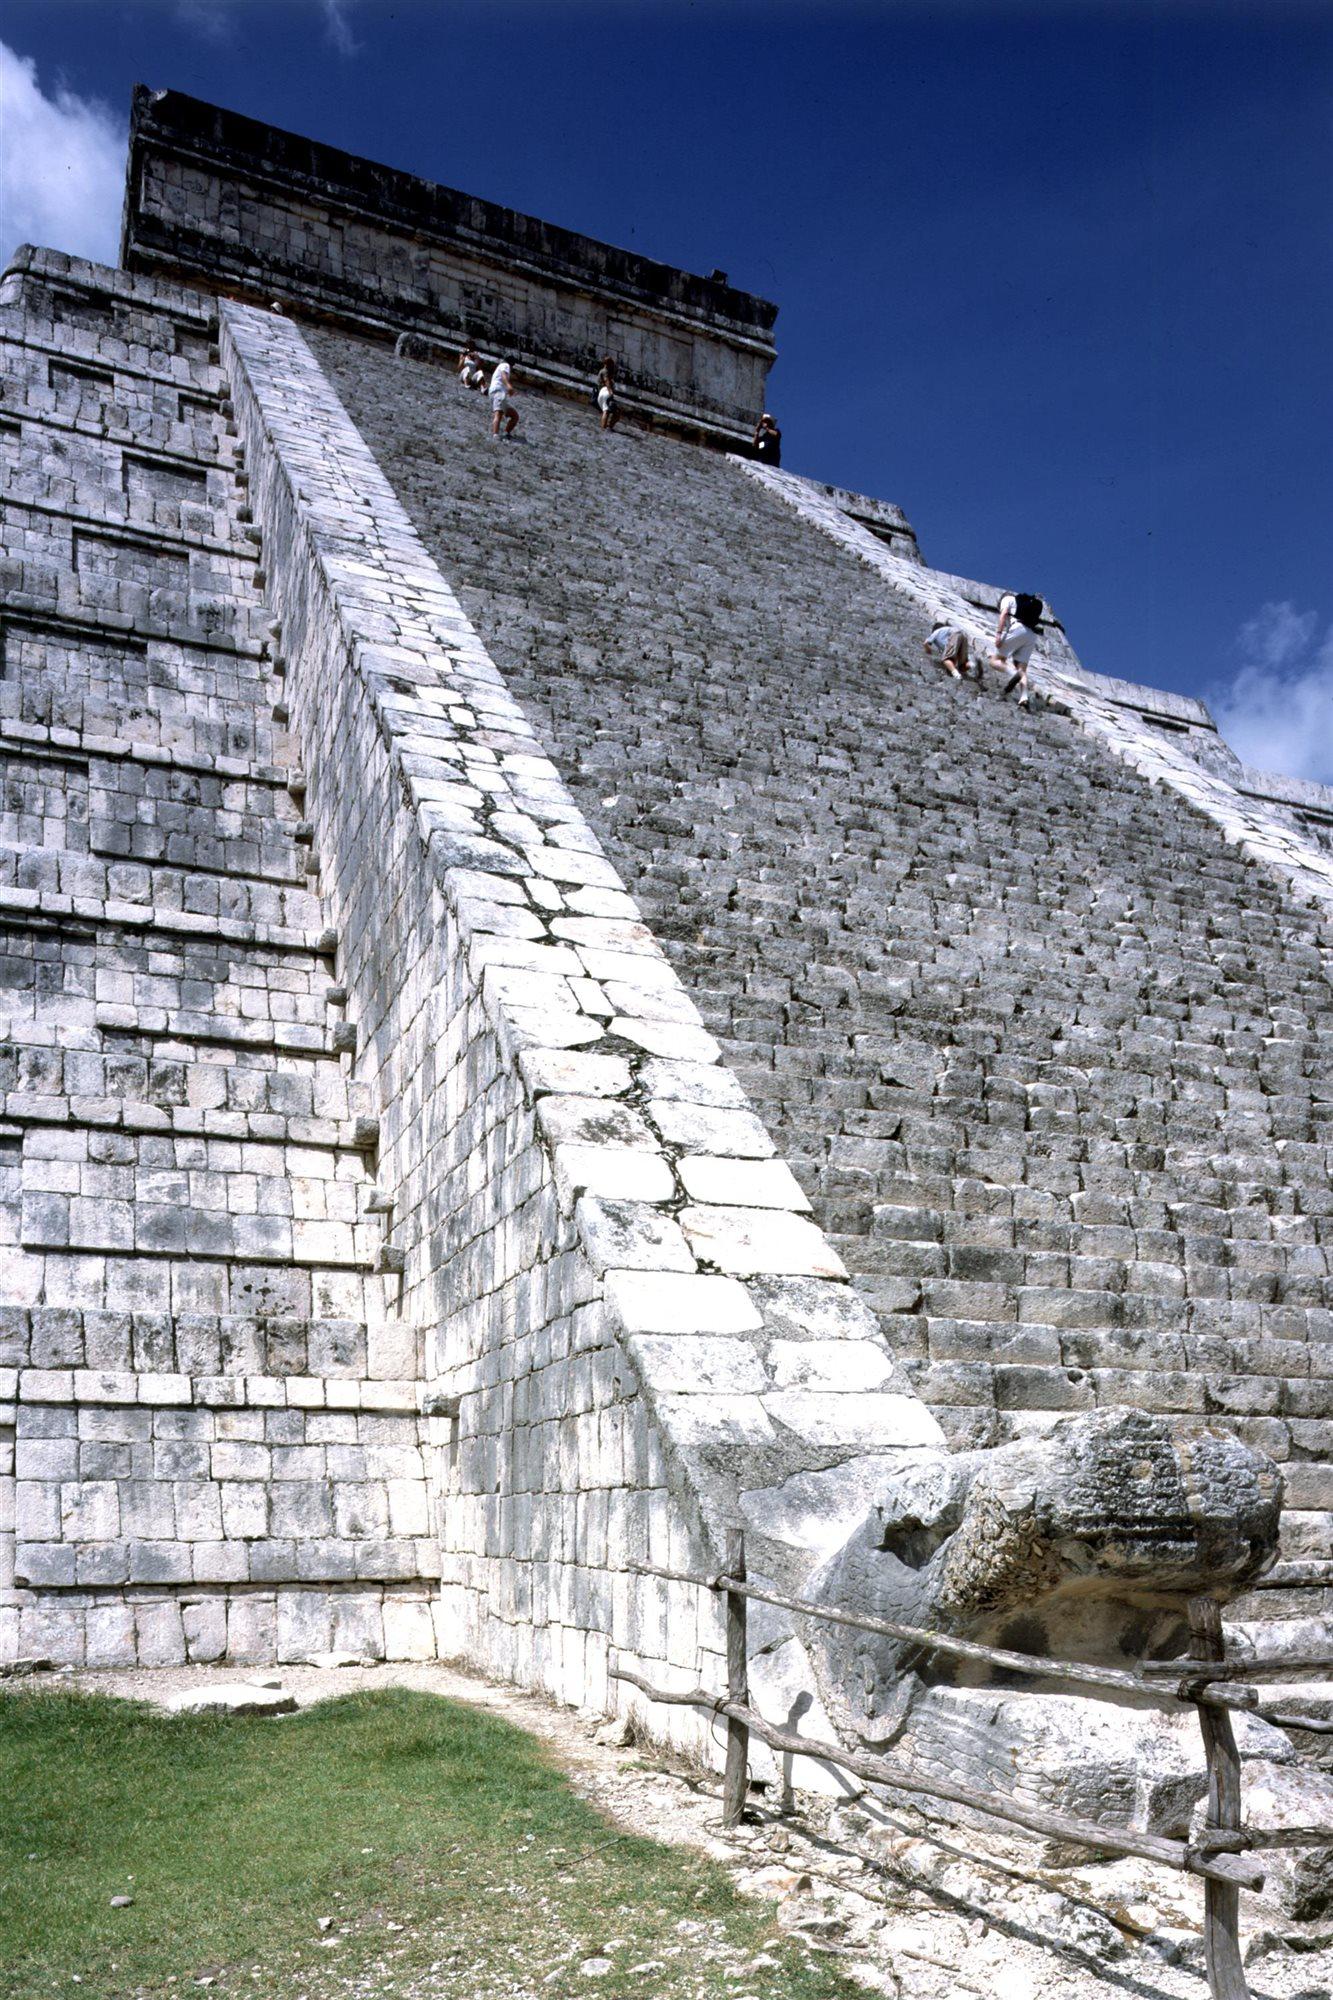 Chichen Itza 047. Escalinata de la pirámide de Kukulkán